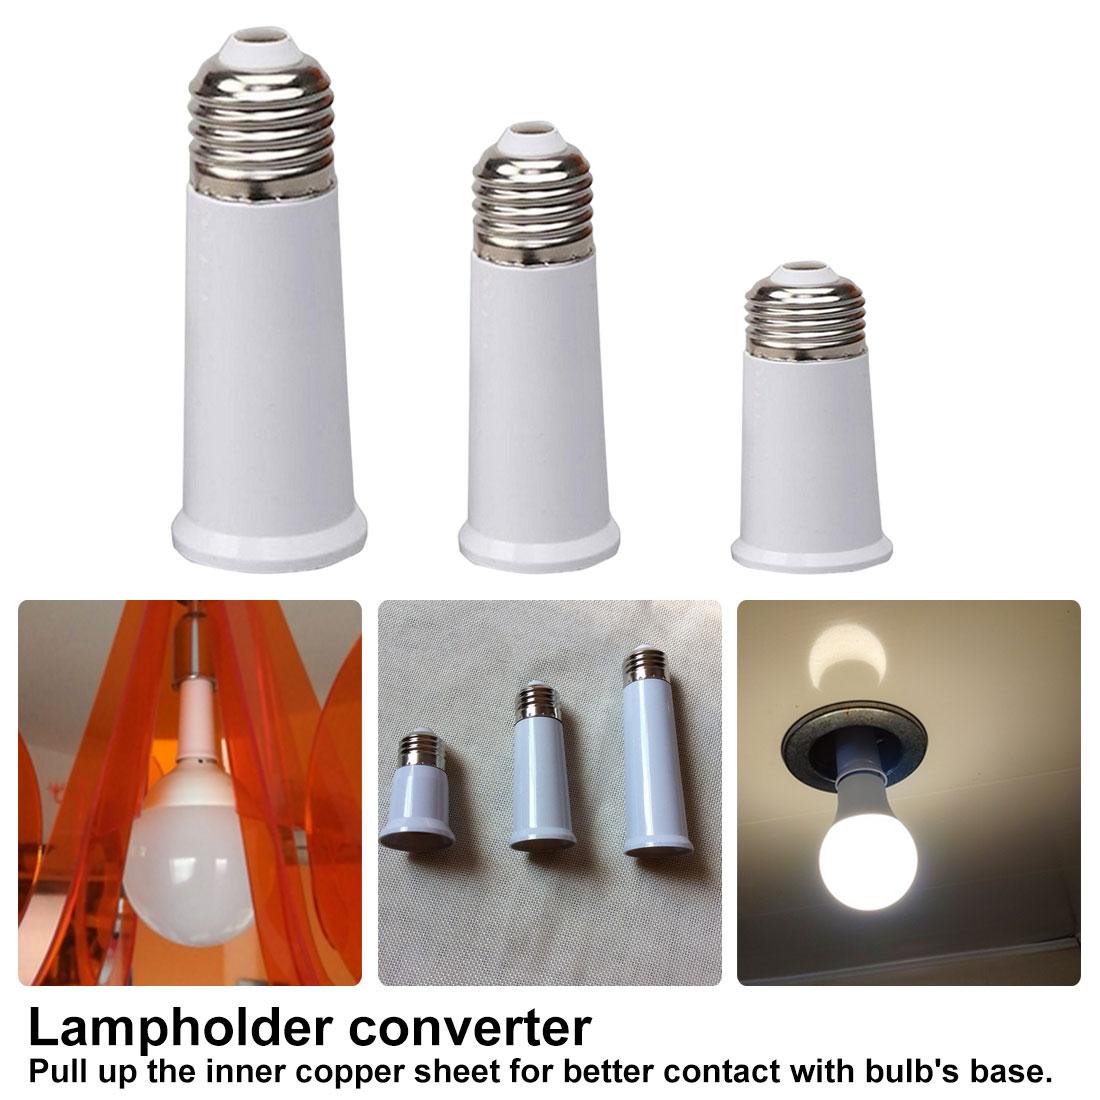 E27 To E27 Extension Base Lengthen Lamp Base Converter Extender Lamp Socket Extension Light Bulb Holder Screw Adapter